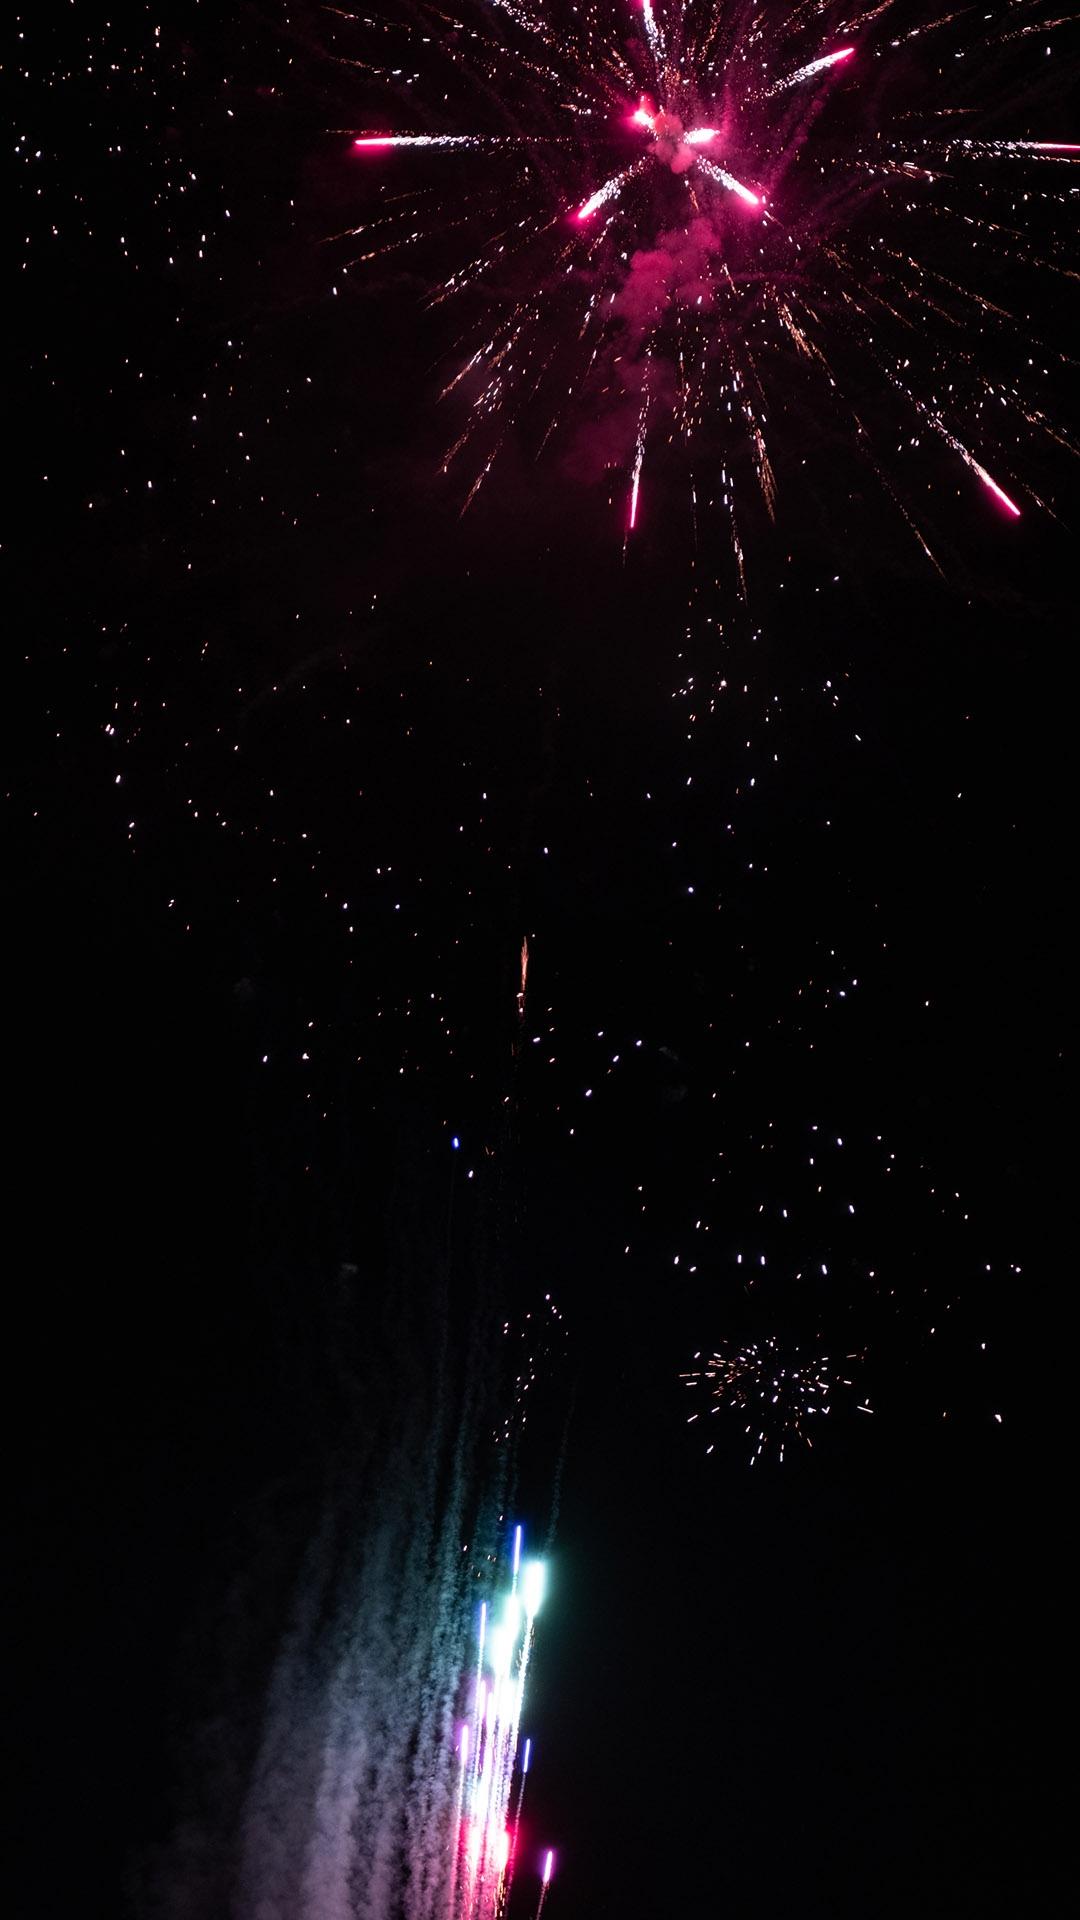 夜空中璀璨迷人的烟花唯美城市壁纸